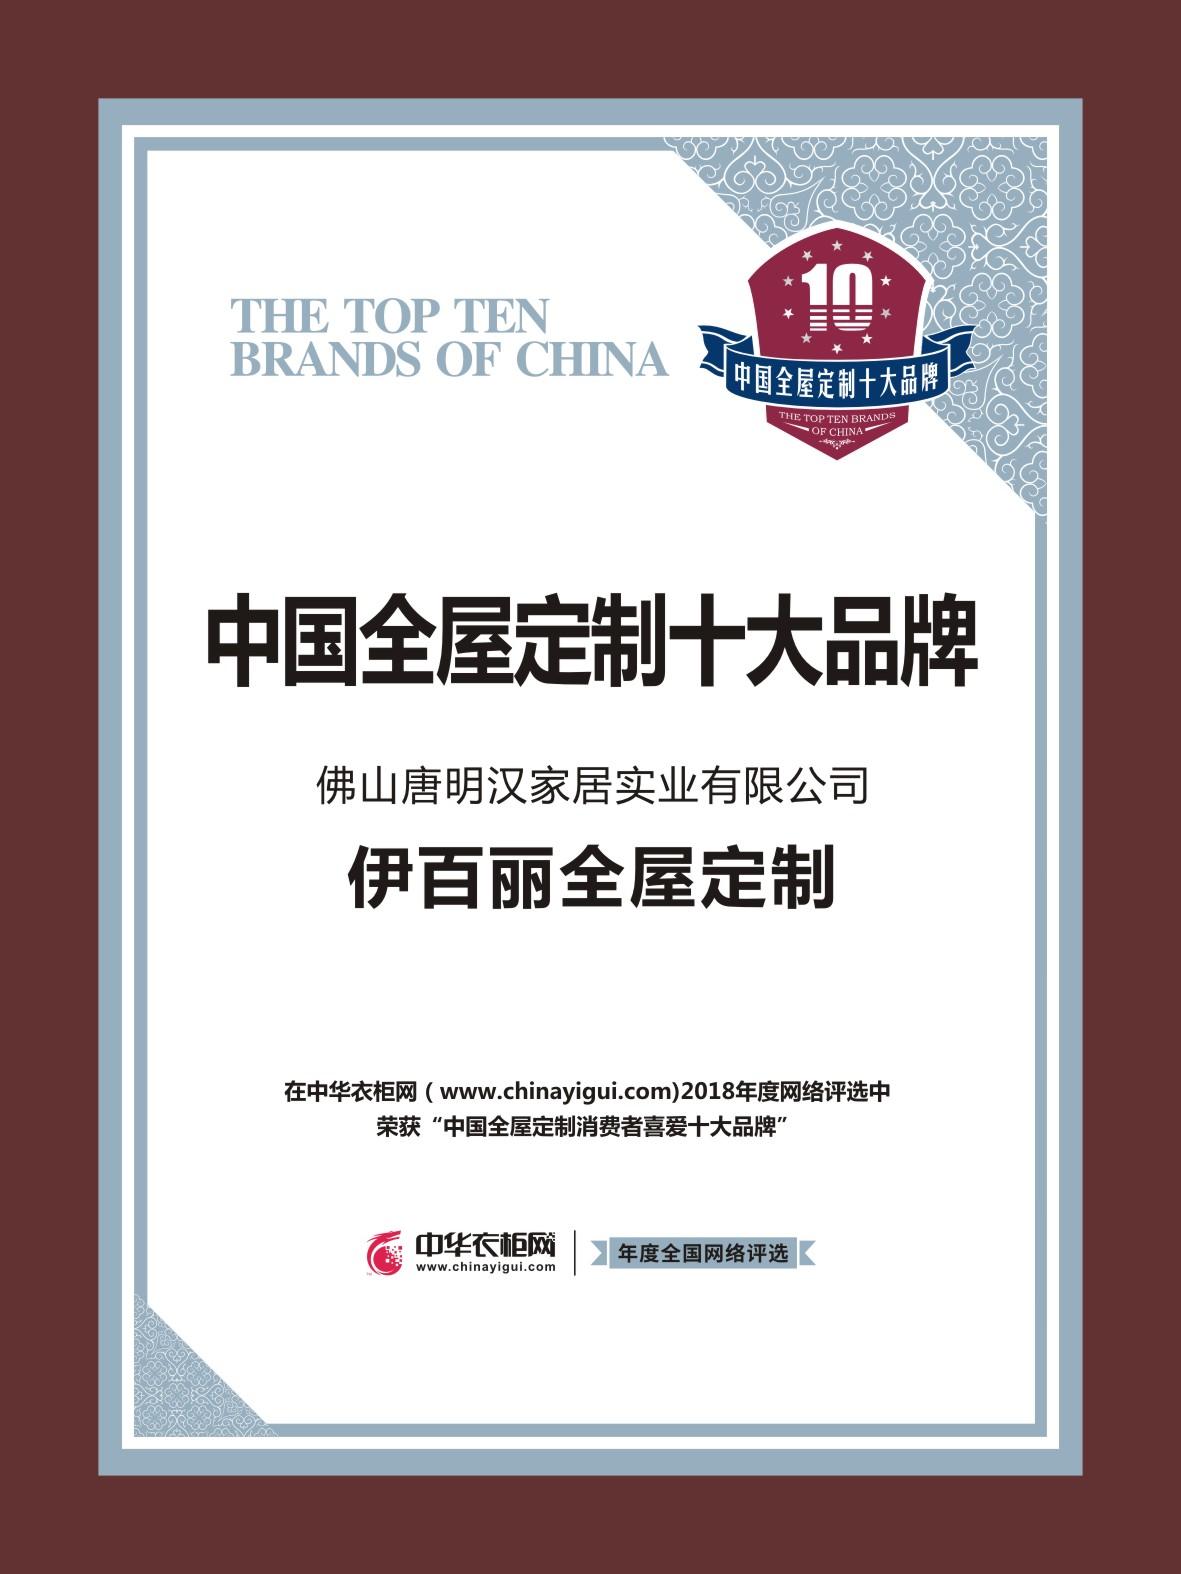 中国全屋定制十大品牌